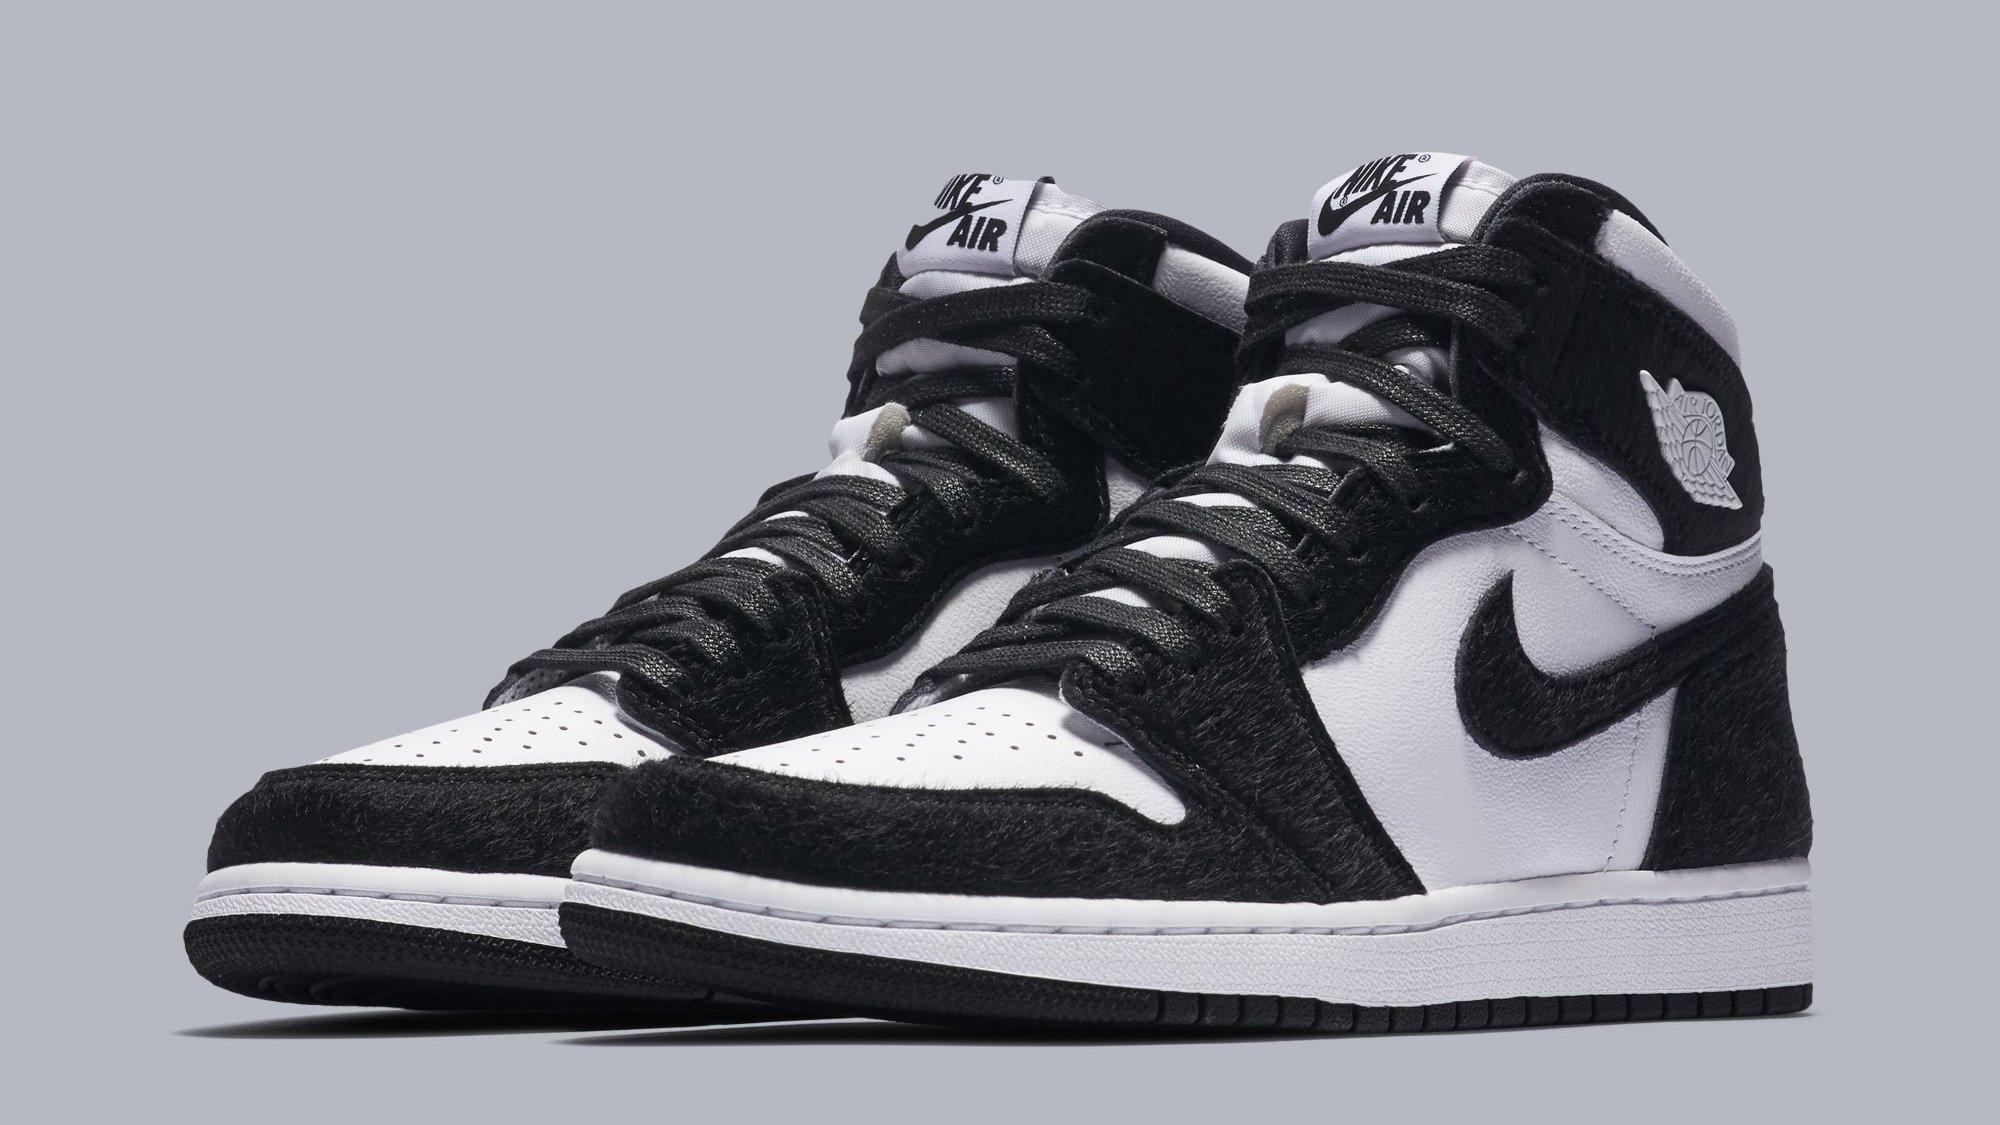 Air Jordan Retro 1 High OG 'Black/Black-Metallic Gold-White ...